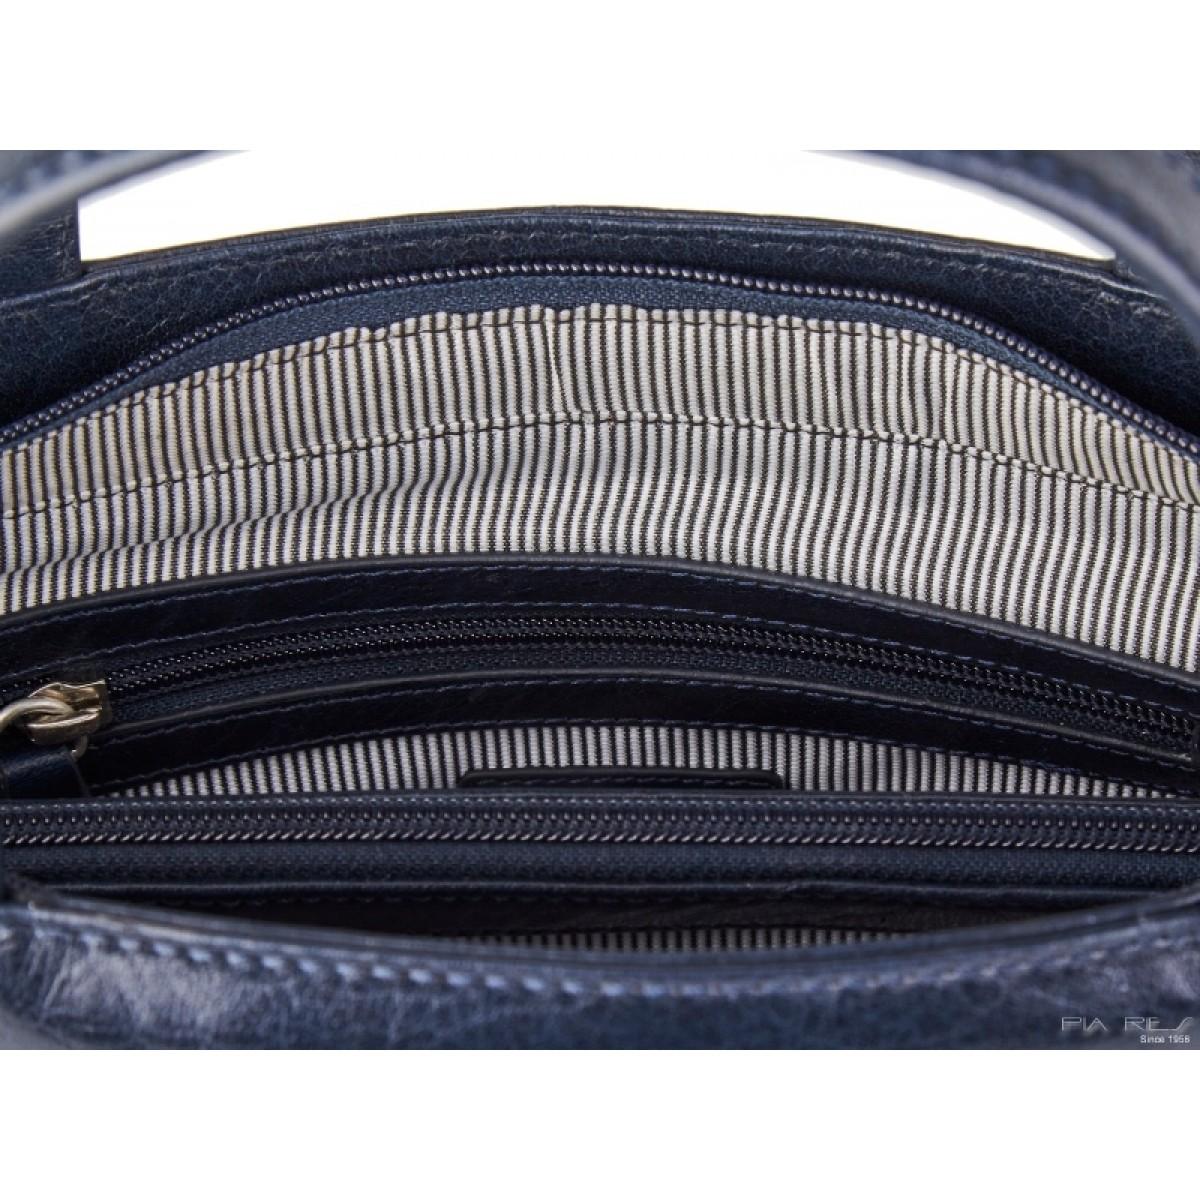 Lille håndtaske i mørkeblå-31